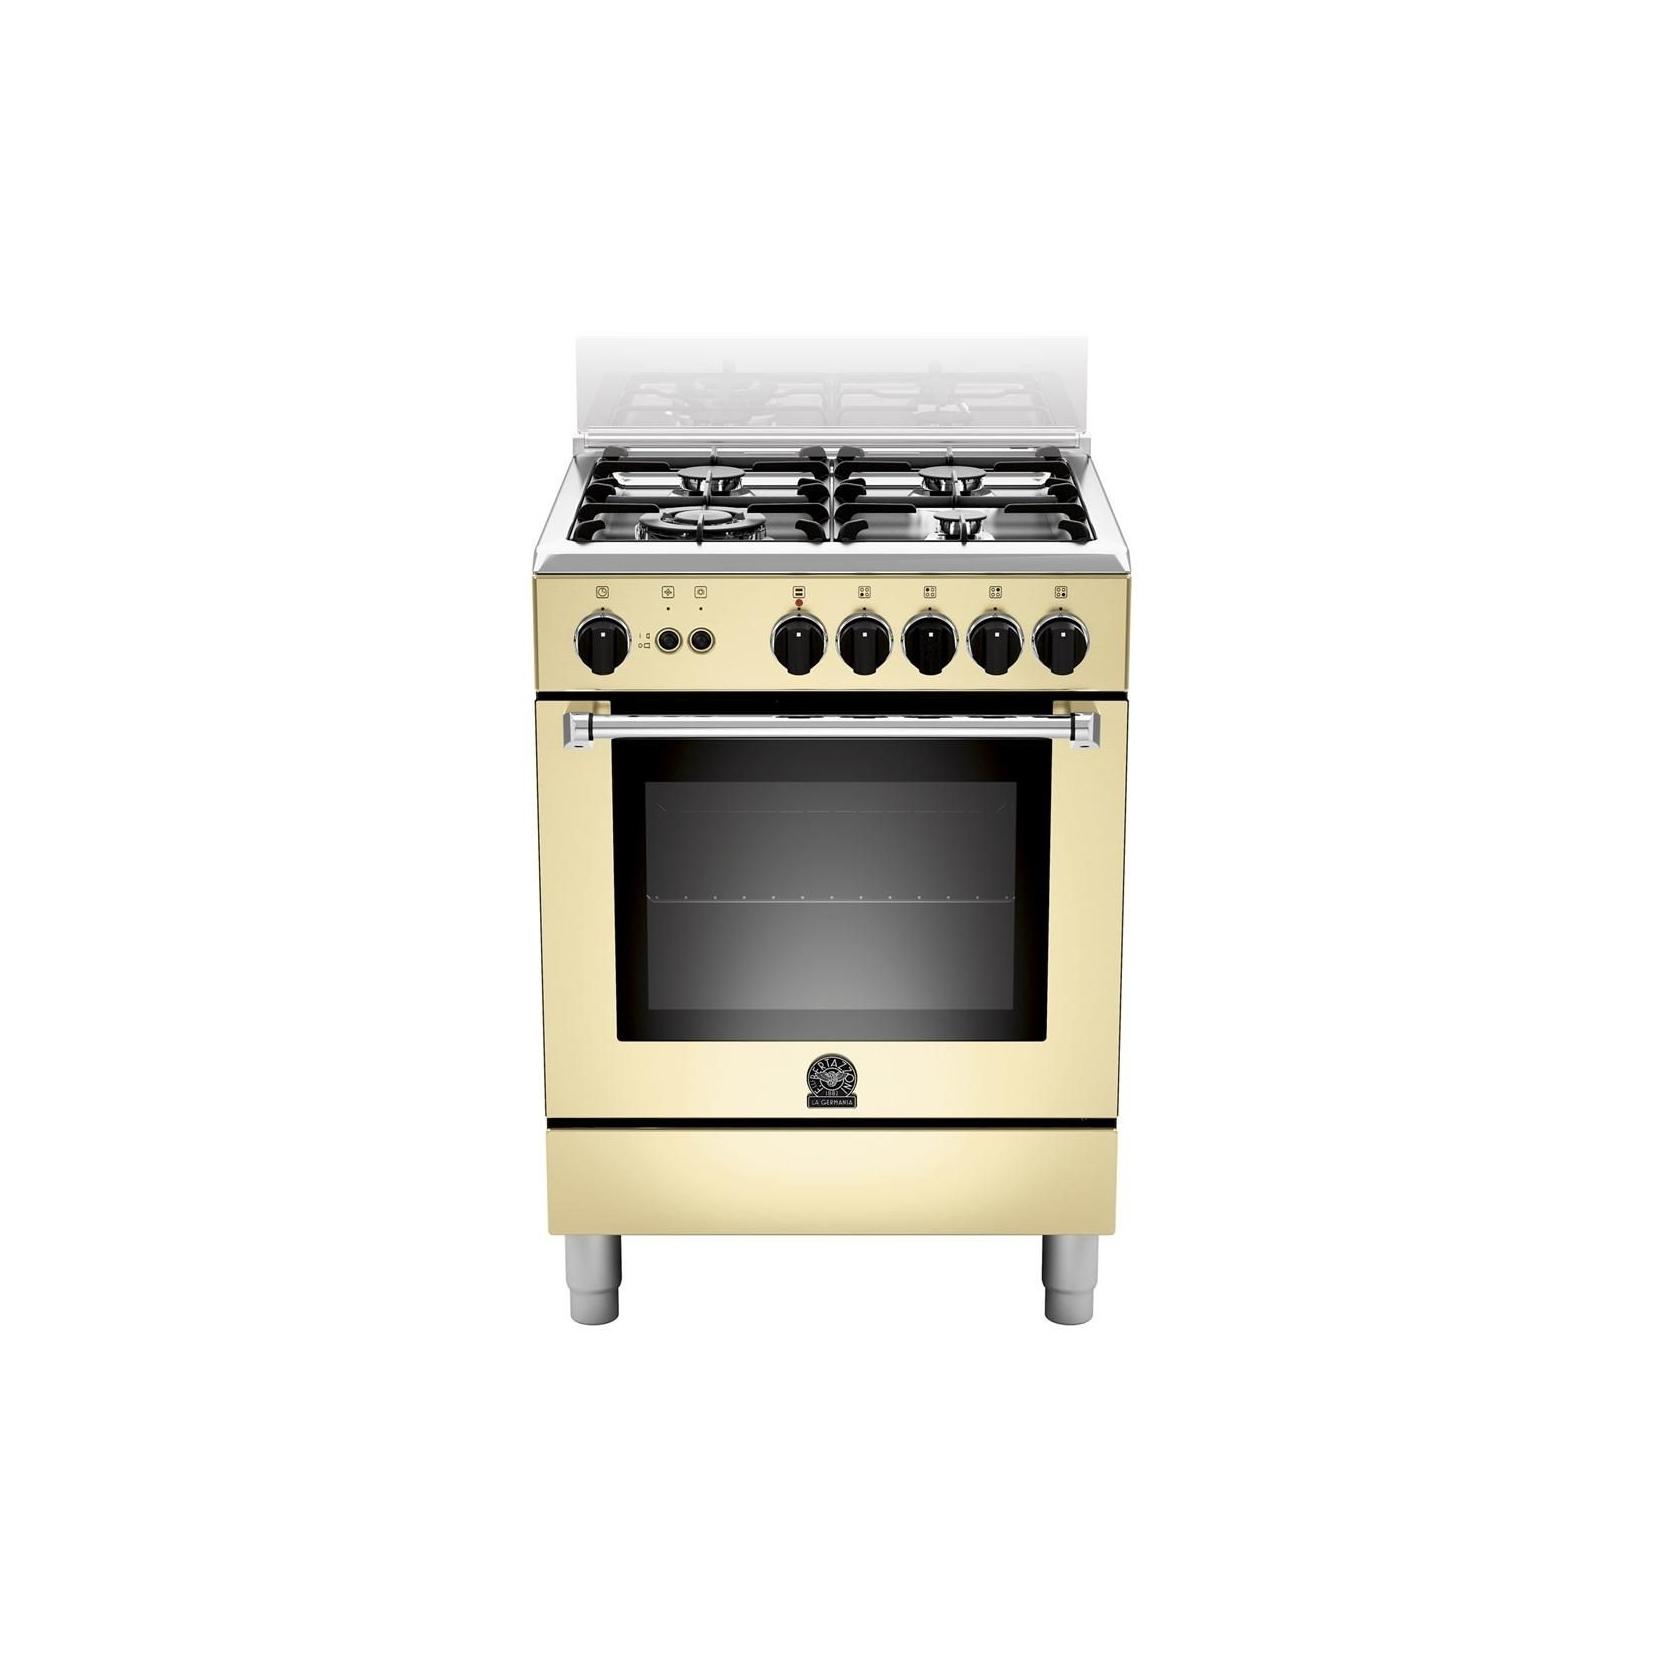 Cucina la germania am64c61ccrt 60x60 colore crema forno - Cucine a gas la germania ...